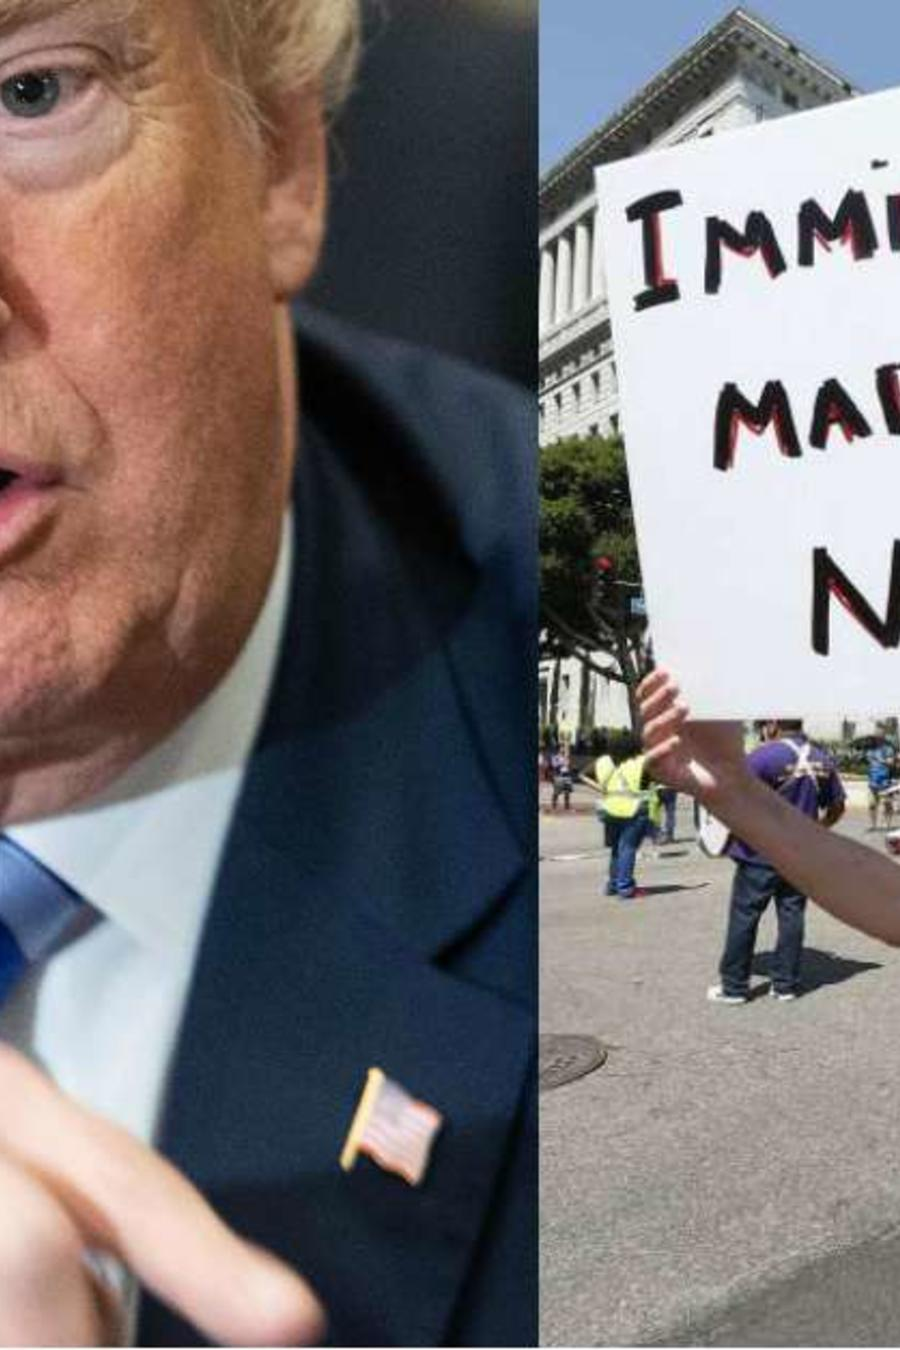 Compuesto de fotos del presidente Trump y manifestantes pro inmigrantes